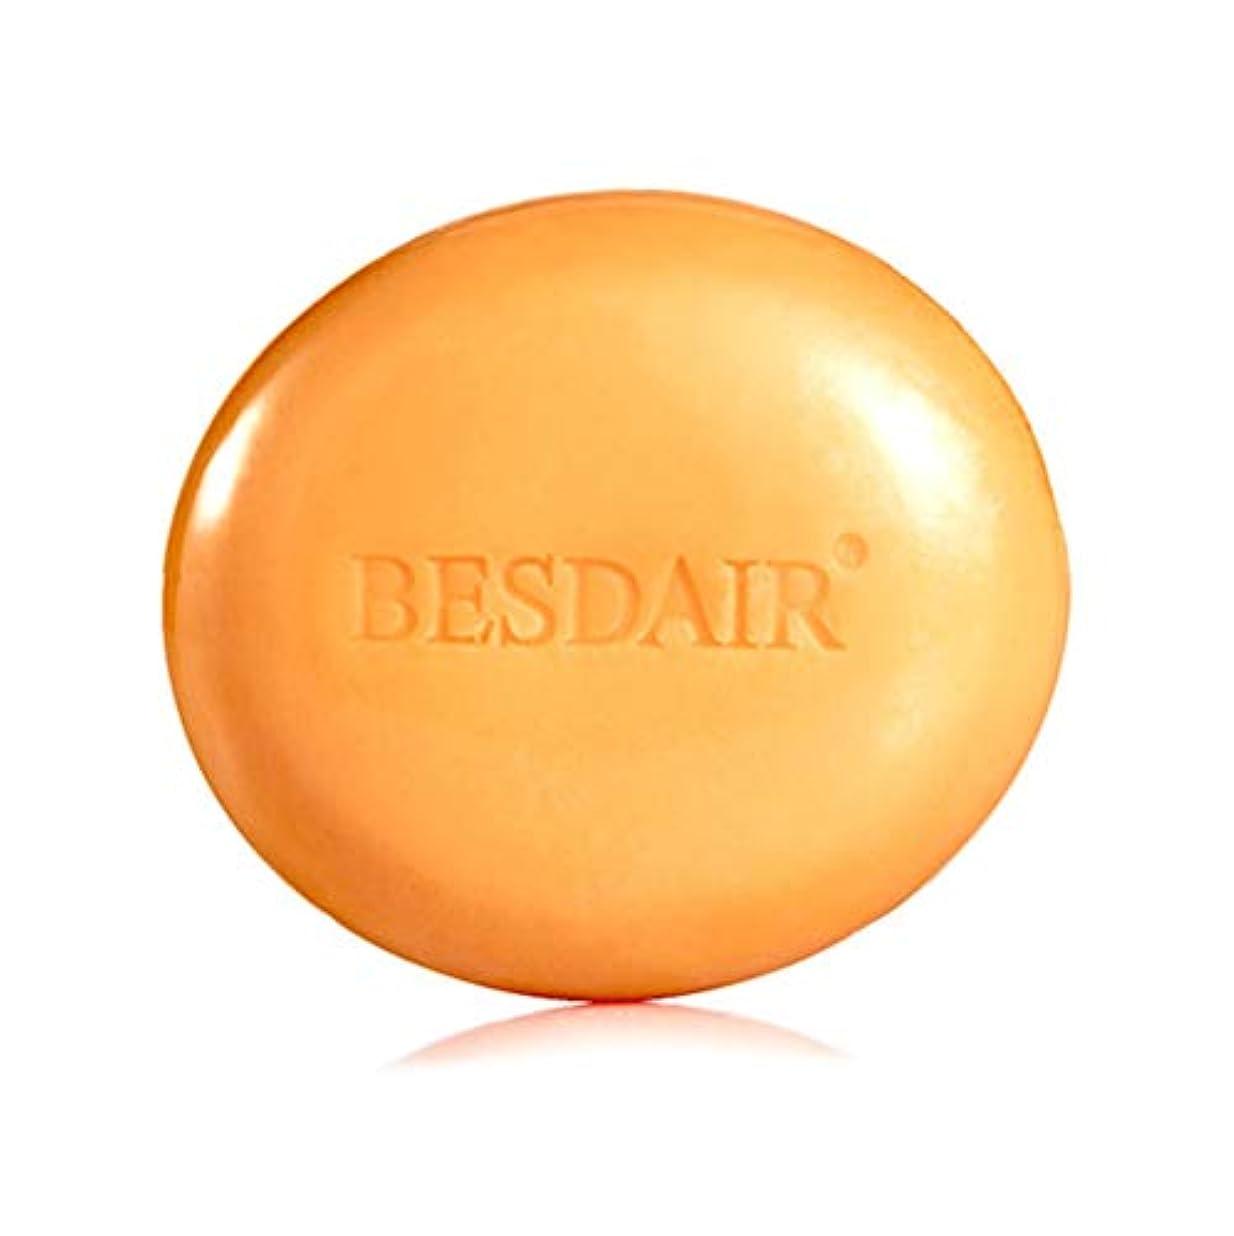 馬油石鹸 100g 保湿 栄養 オイルコントロール かゆみ対策 ダニ防止 手作り 石鹸 洗顔 入浴 シャンプー Cutelove